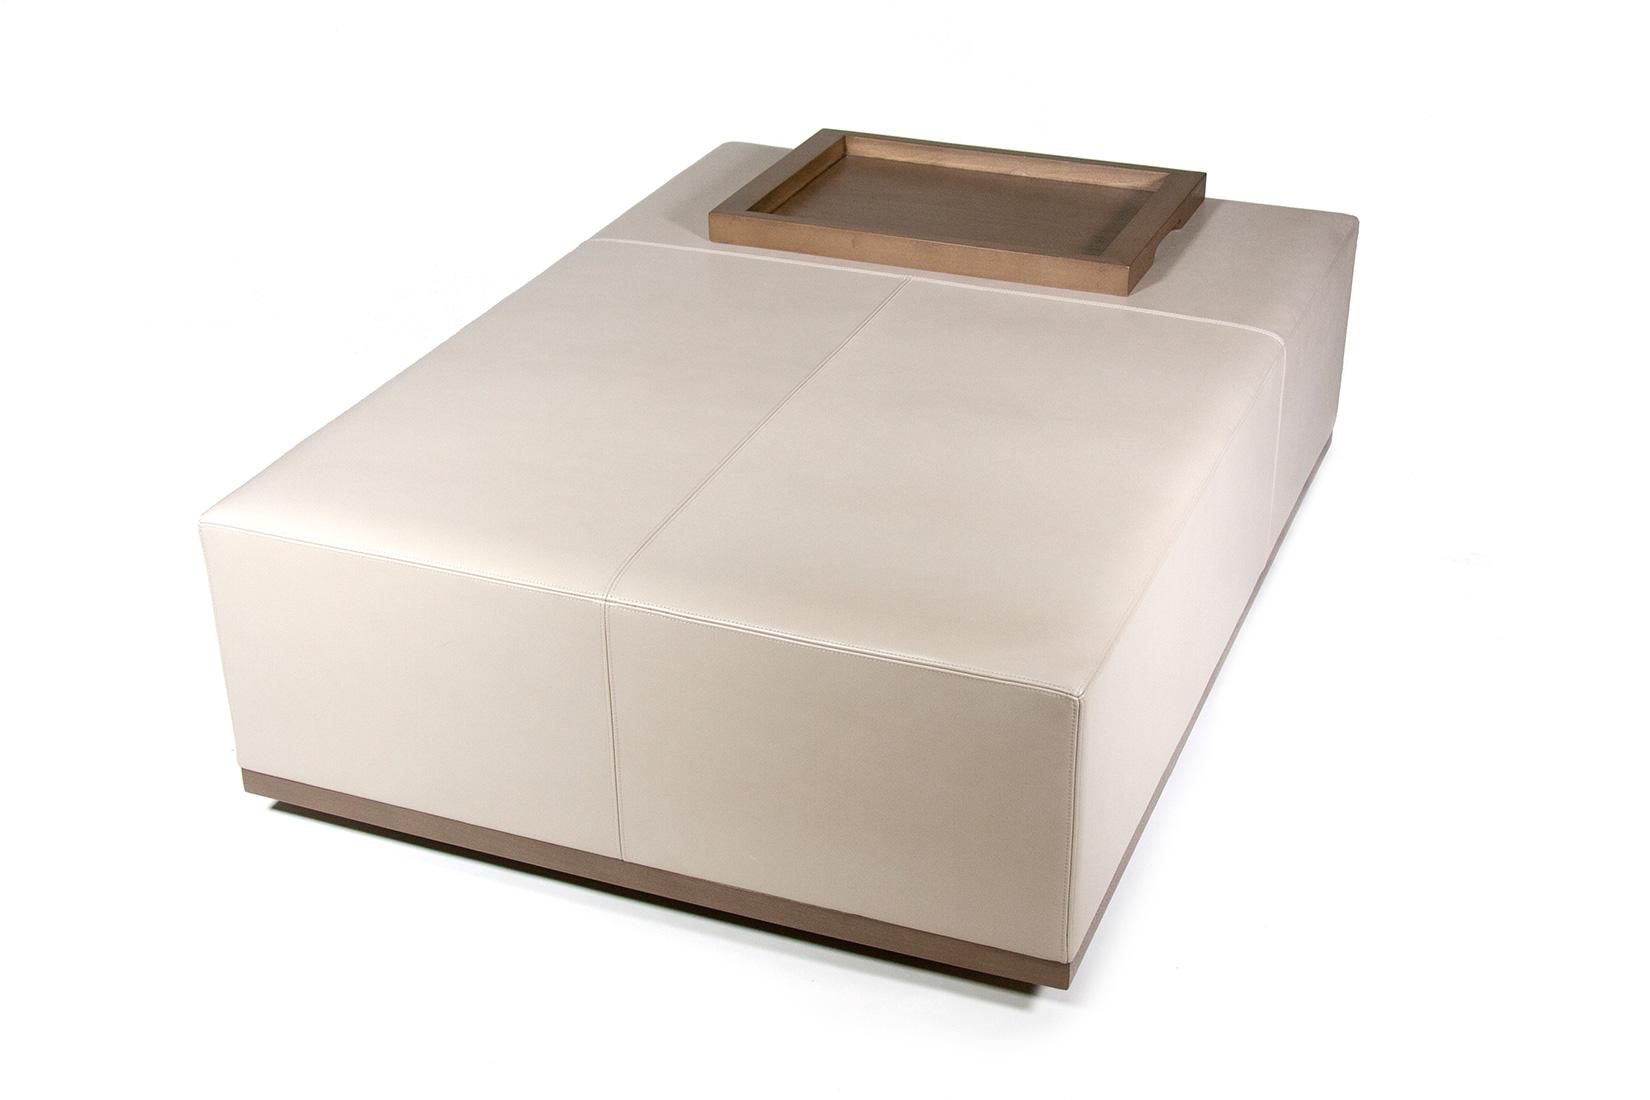 ELLIOT-EAKIN-Furniture-Upholstered-Ottoman-Side-View.jpg